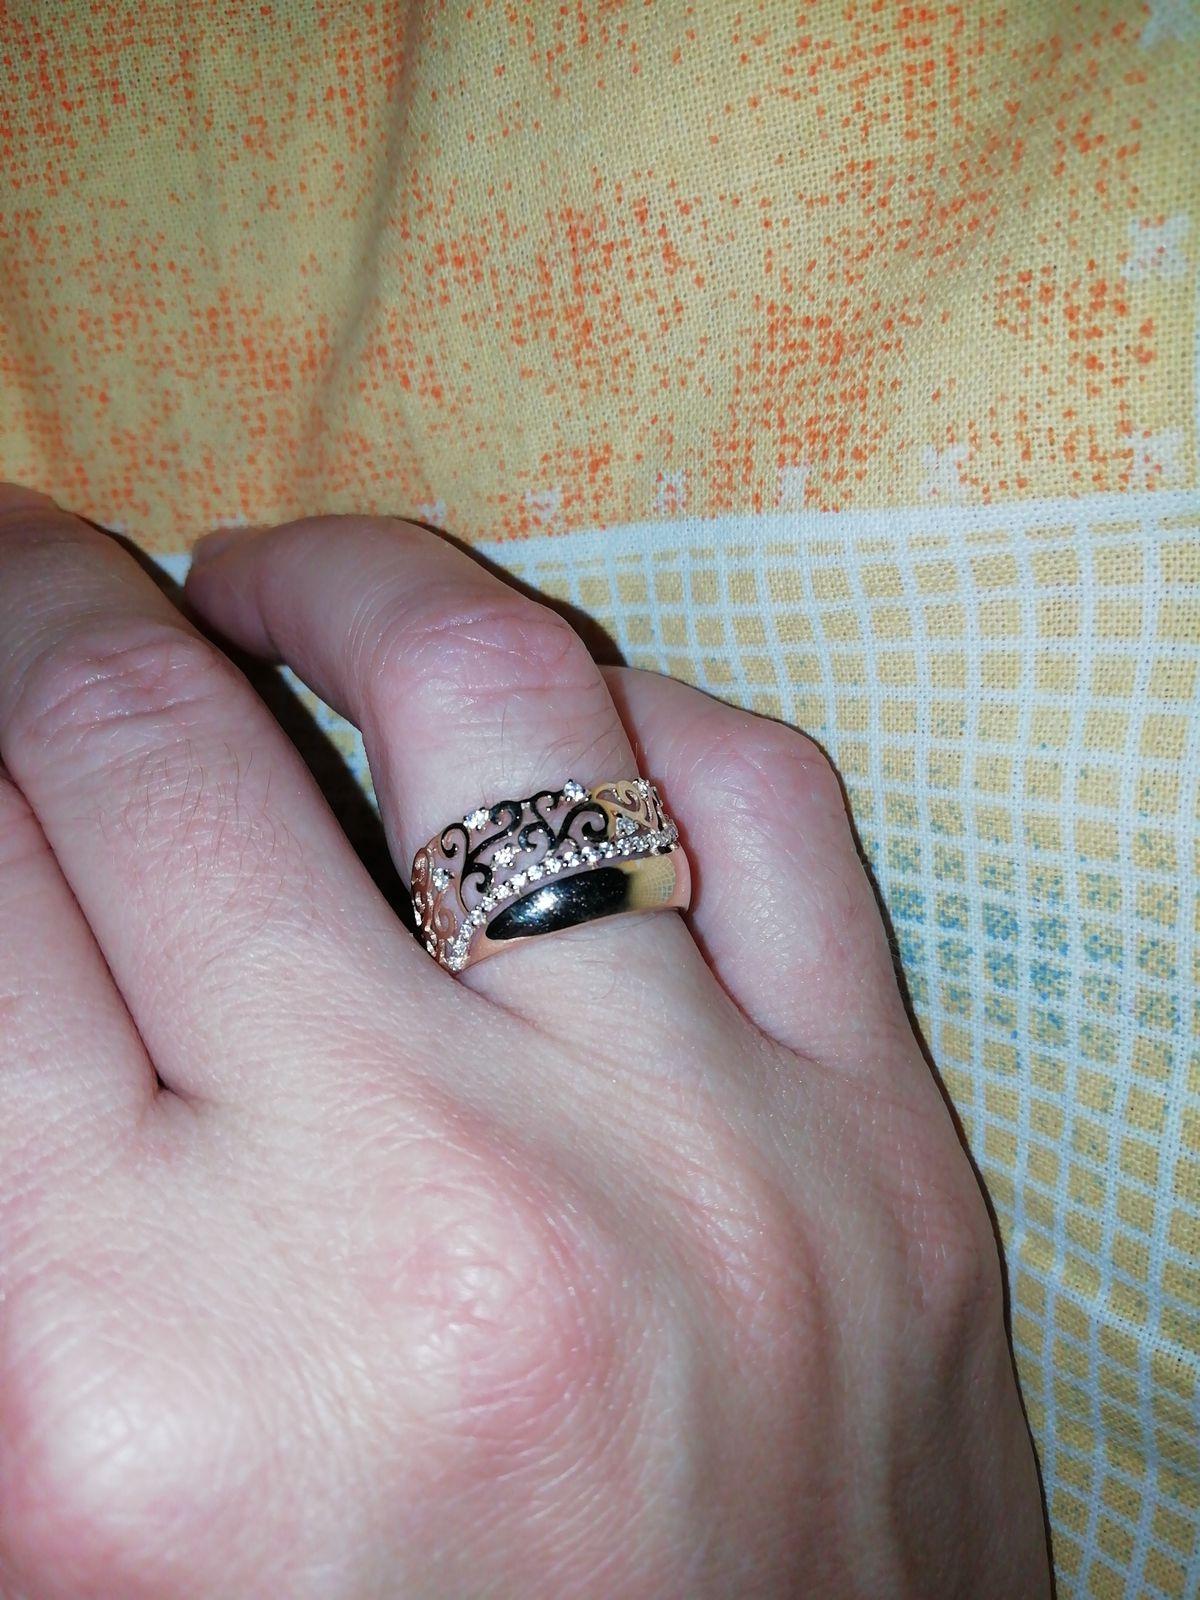 Очень нежное кольцо. Смотрится как два кольца на пальце. Смотрится дорого)